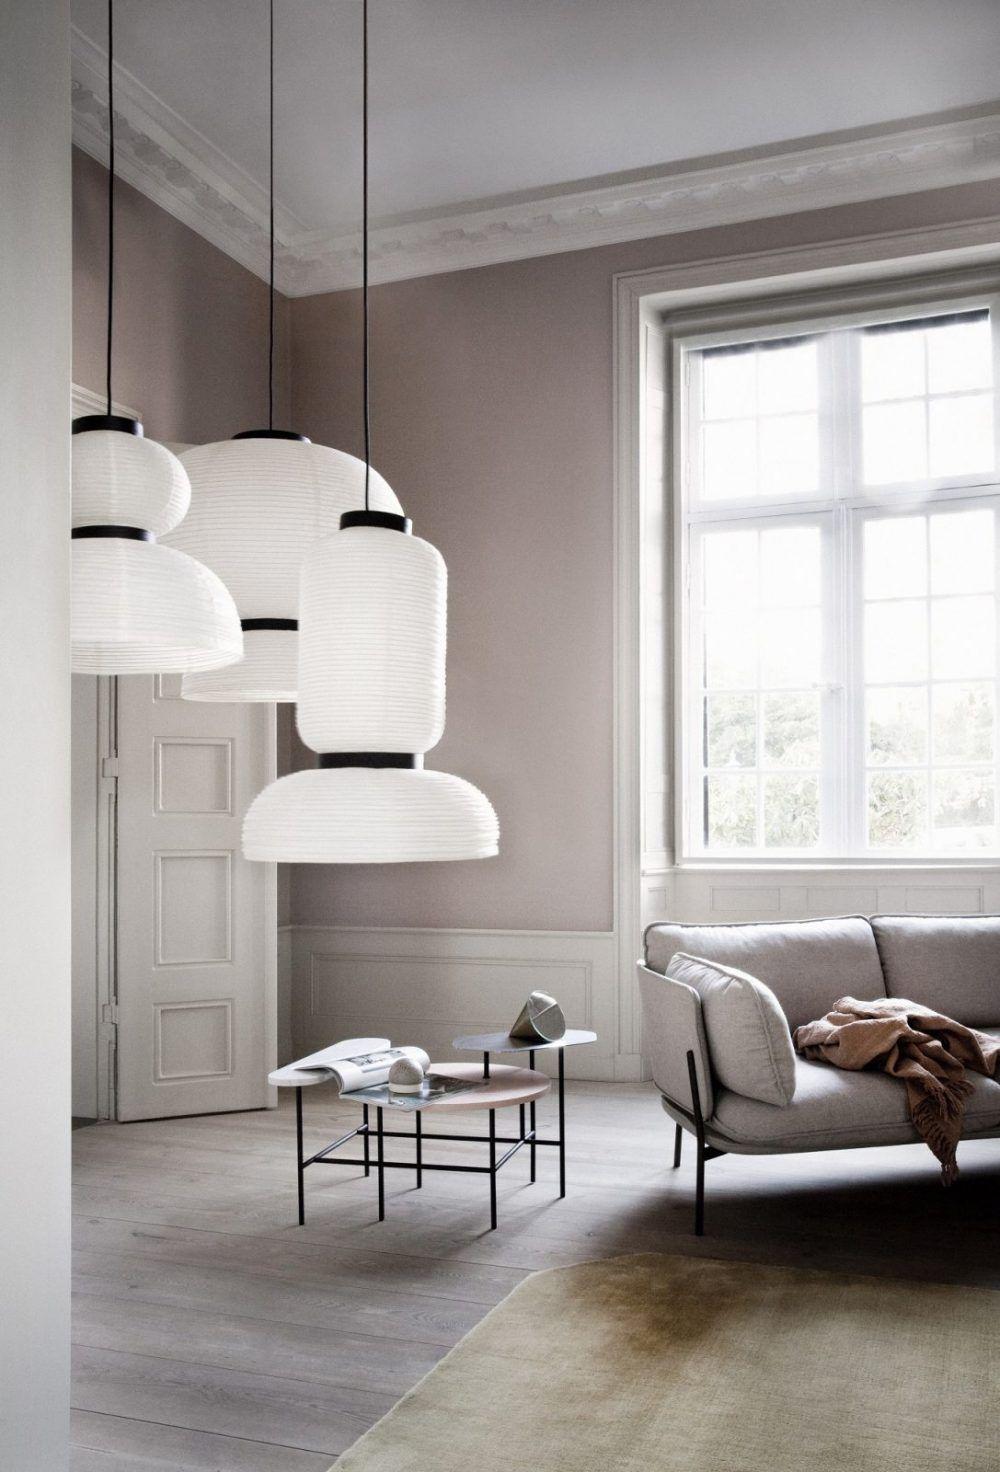 Inspiratieboost: een warme woonkamer met aardse kleuren | Home decor ...